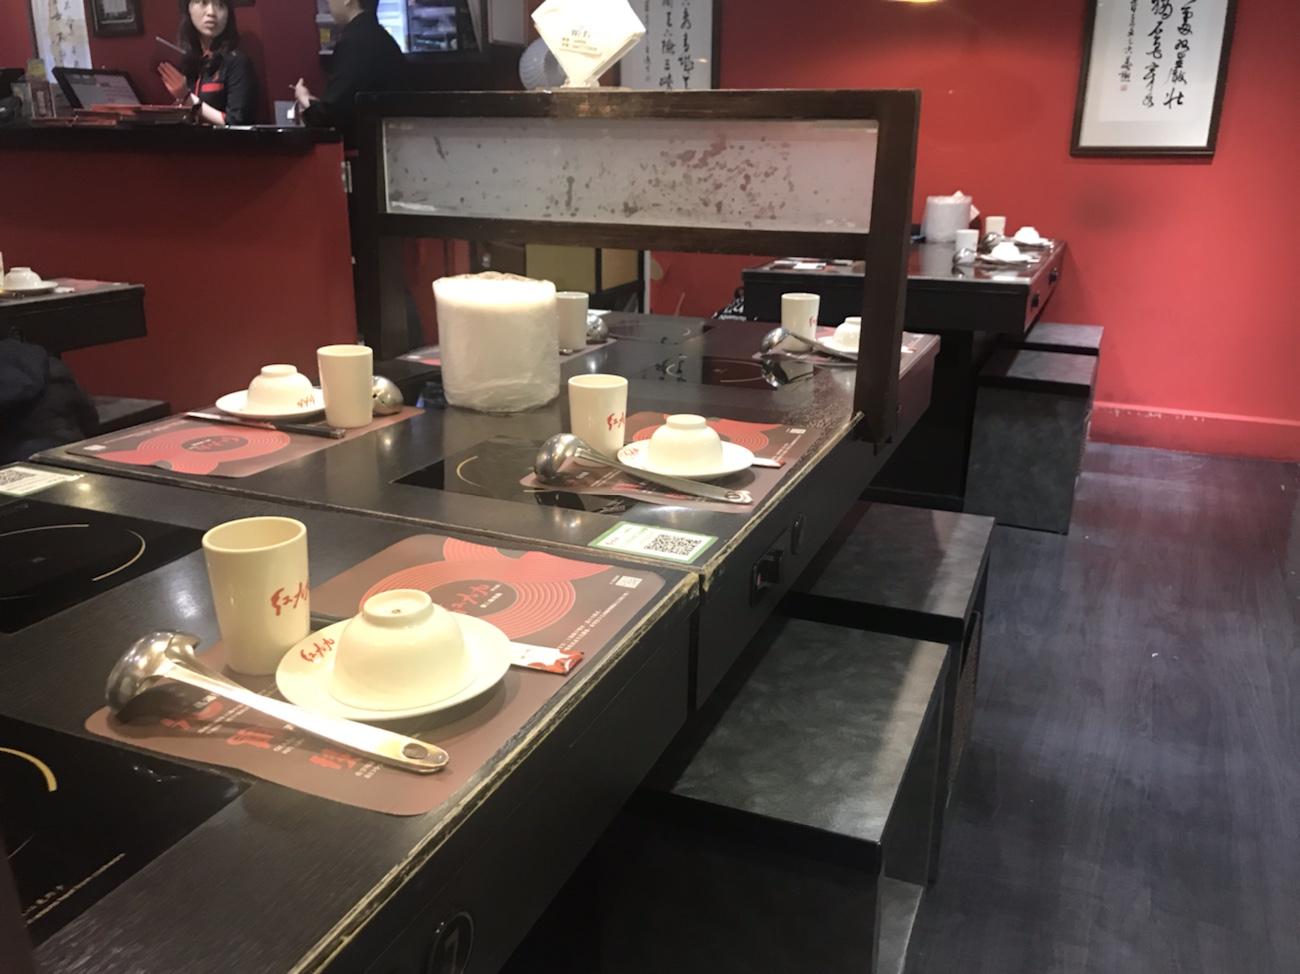 台湾一人旅おすすめグルメ「紅九九個人麻辣鍋」